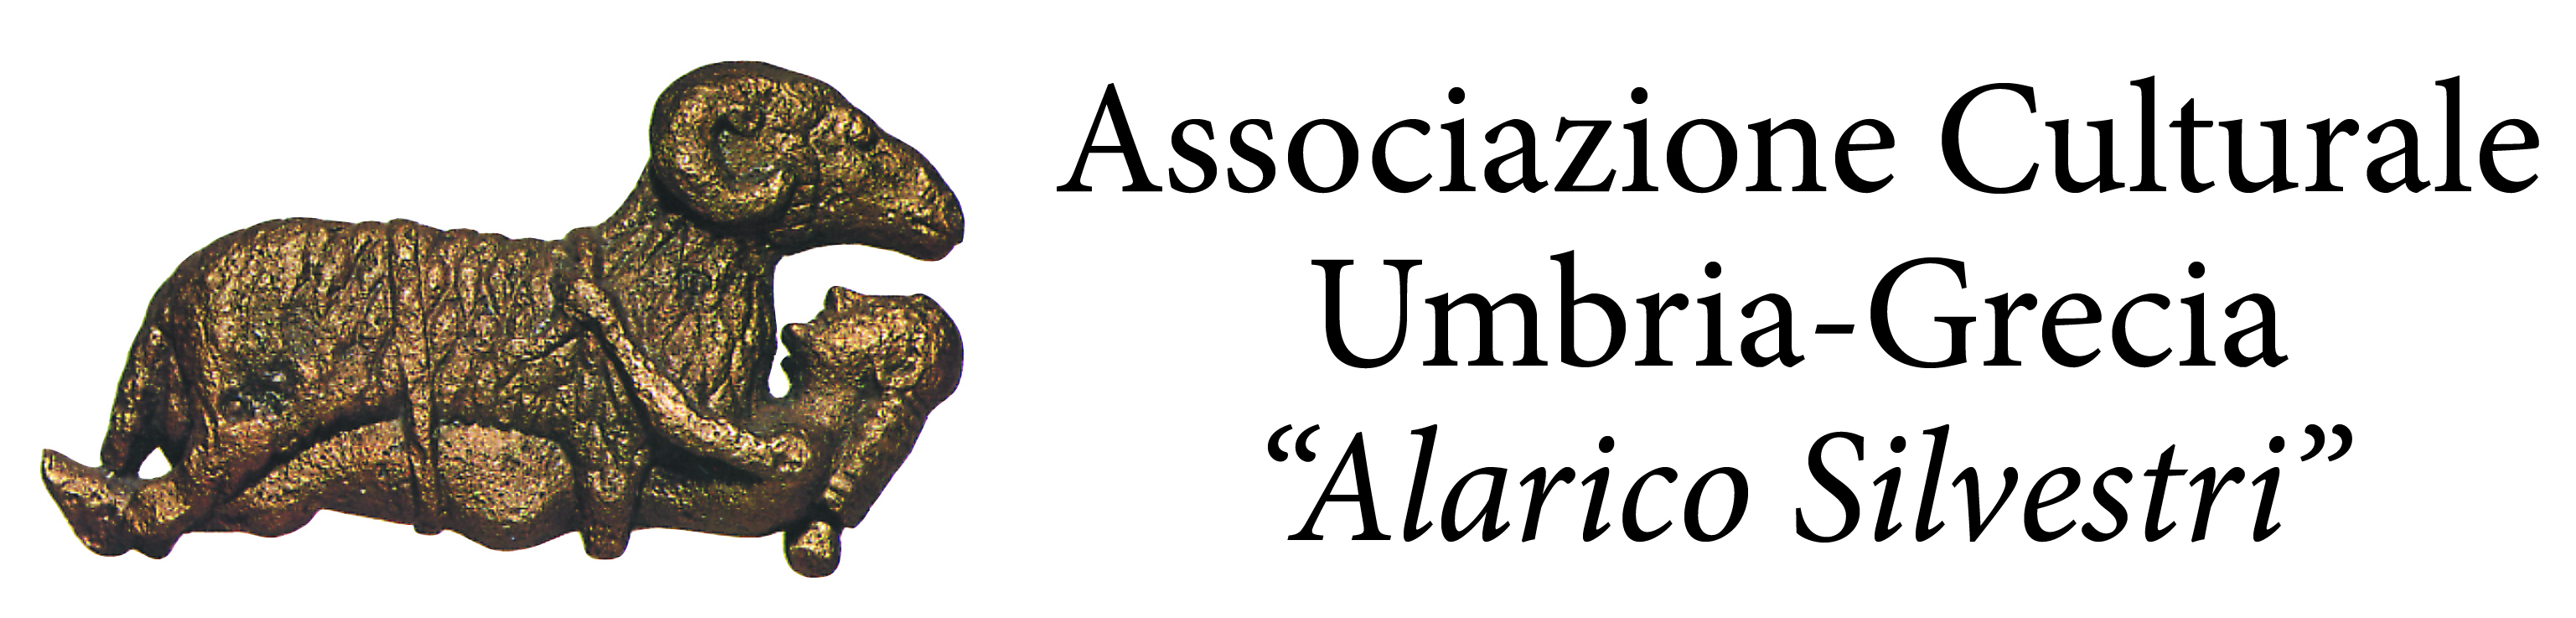 Associazione Umbria-Grecia Alarico Silvestri